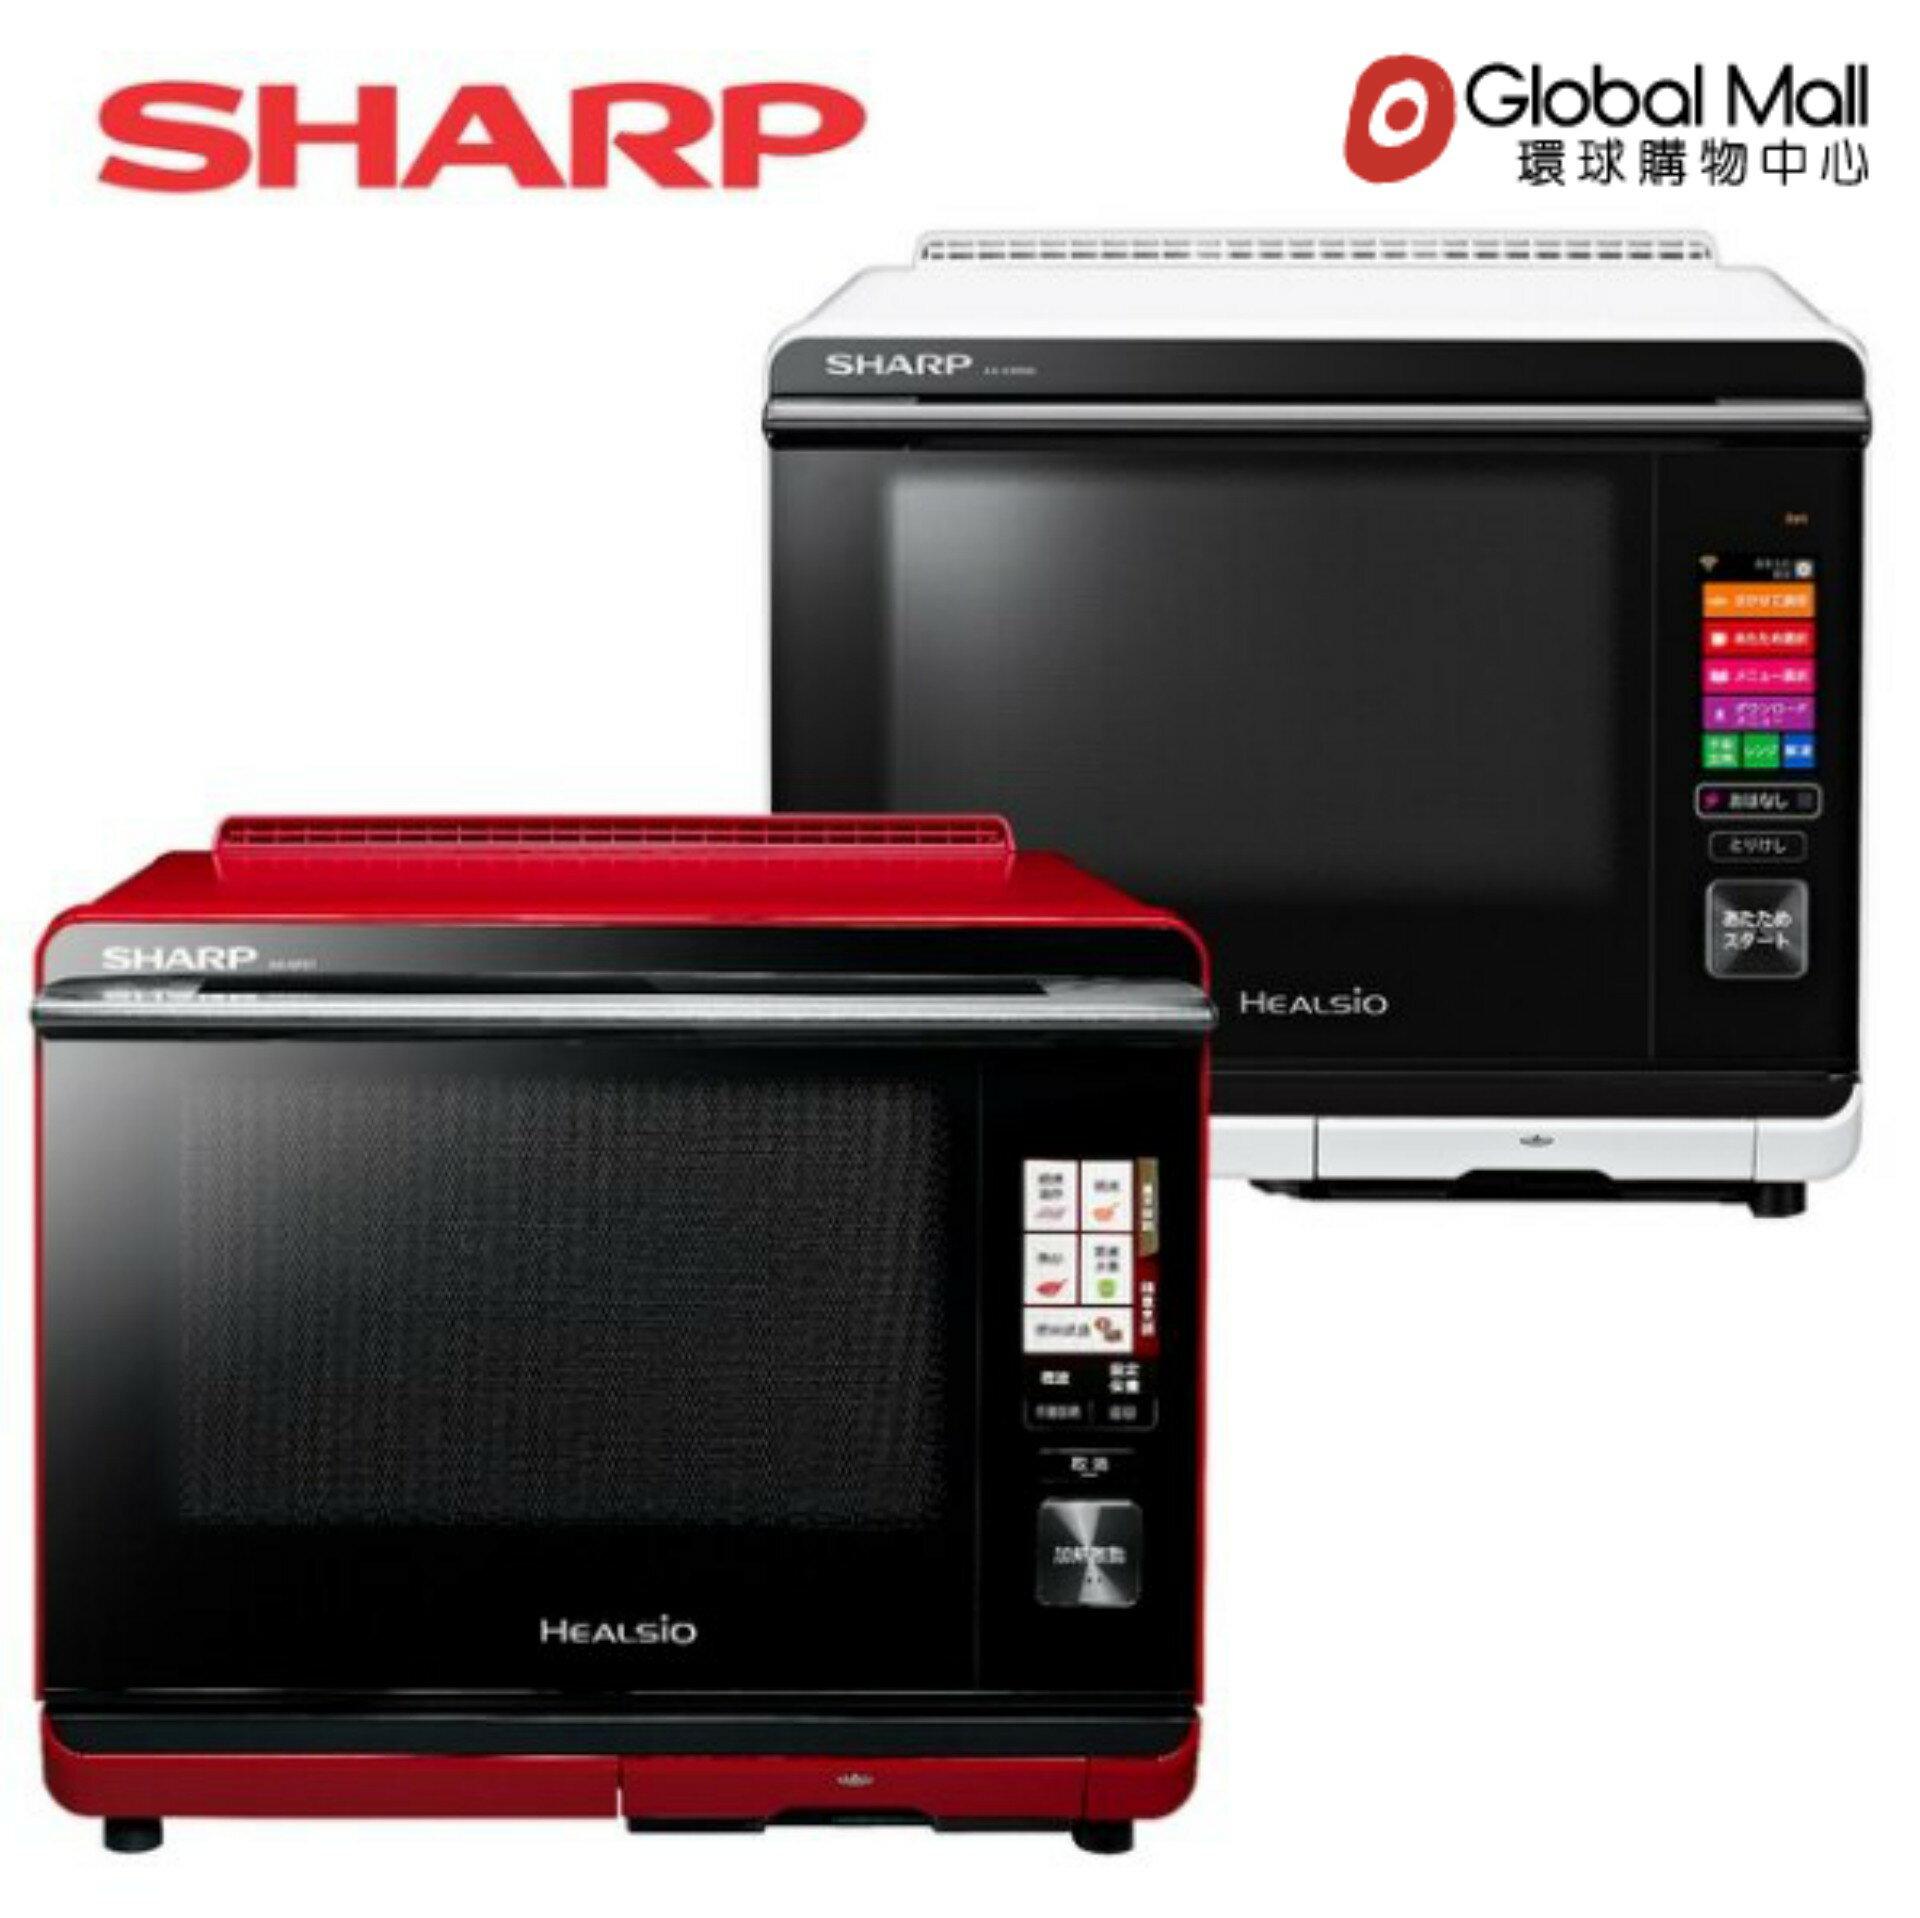 SHARP Healsio水波爐(30L) AX-XP5T(紅/白)2色可選